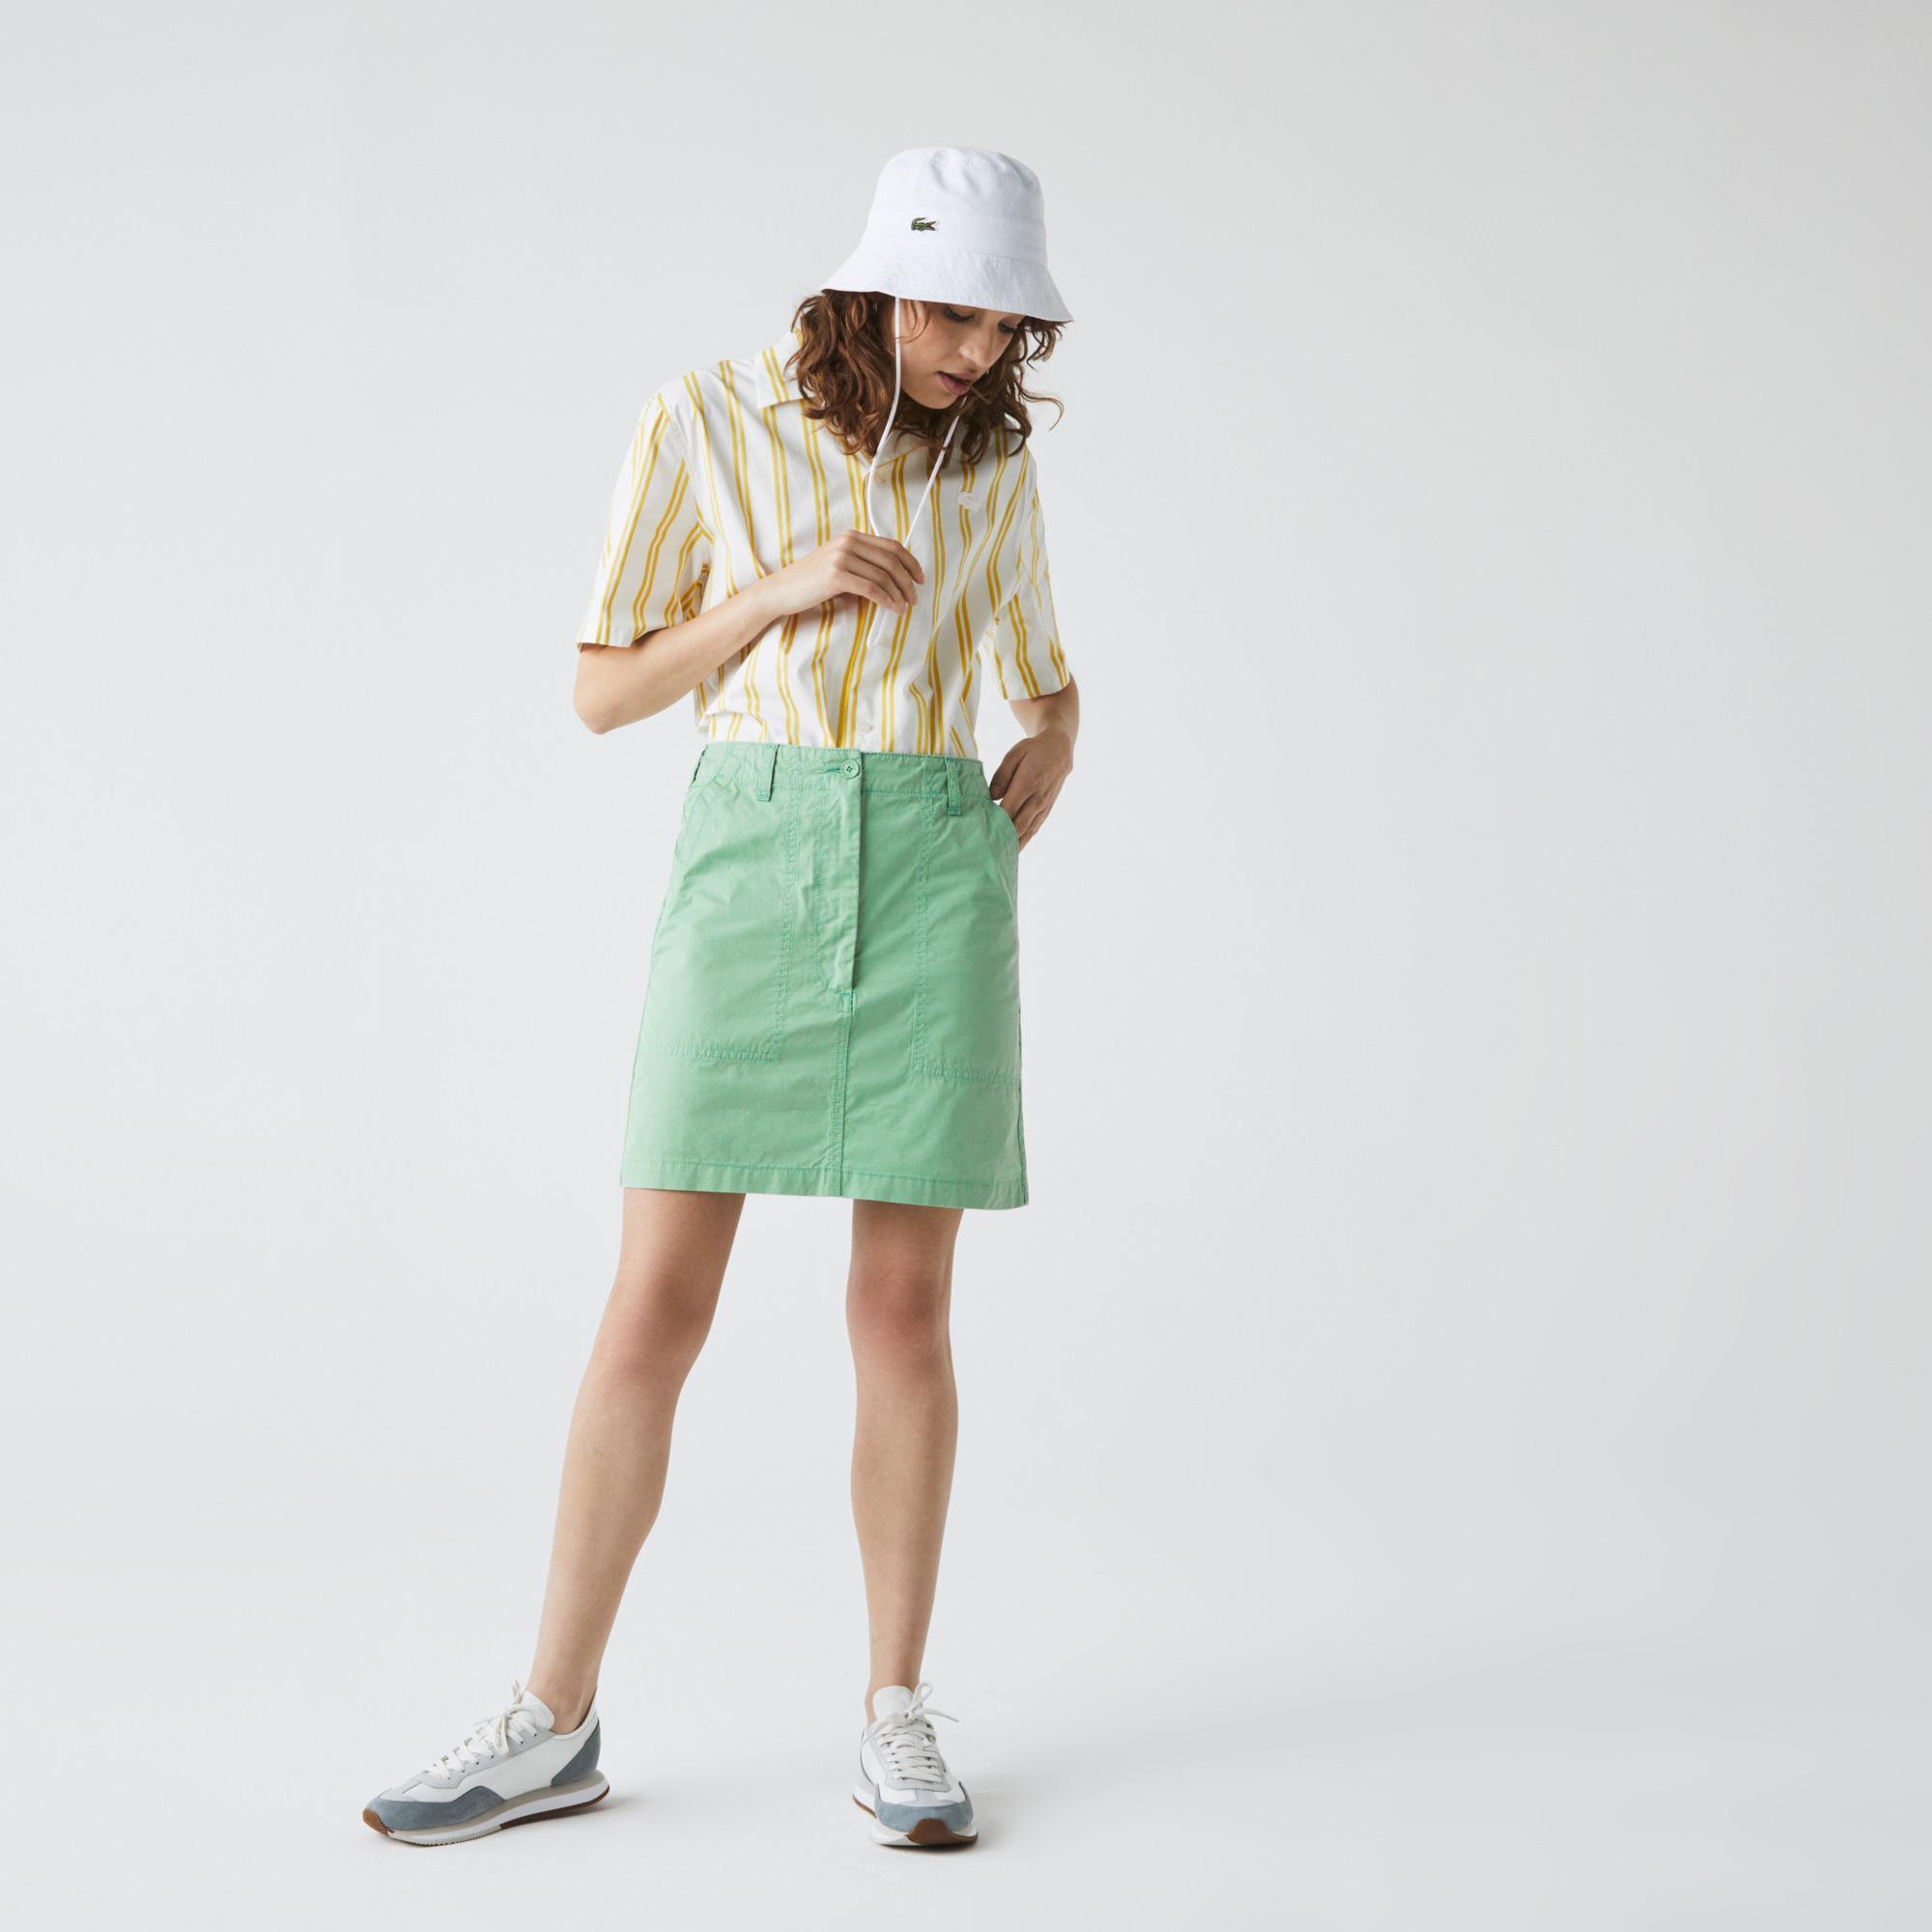 Lacoste Kadın Rahat Fit Mint Yeşil Etek